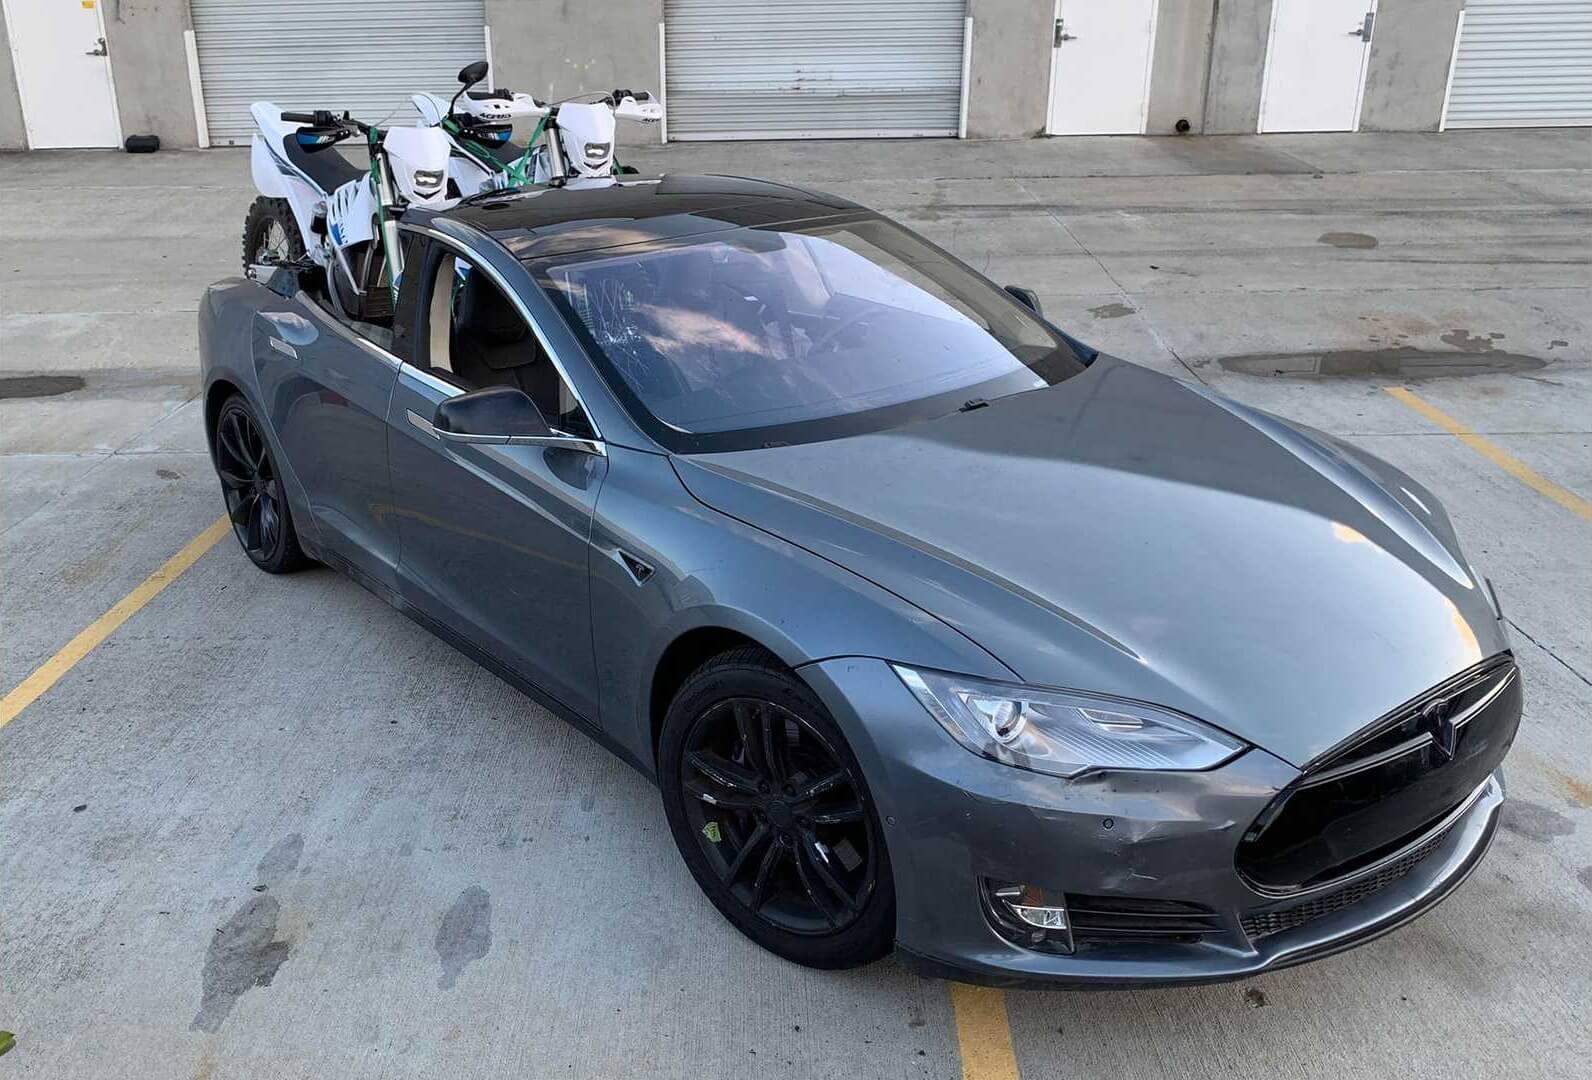 Тюнинг-ателье превратило Tesla Model Sвпикап